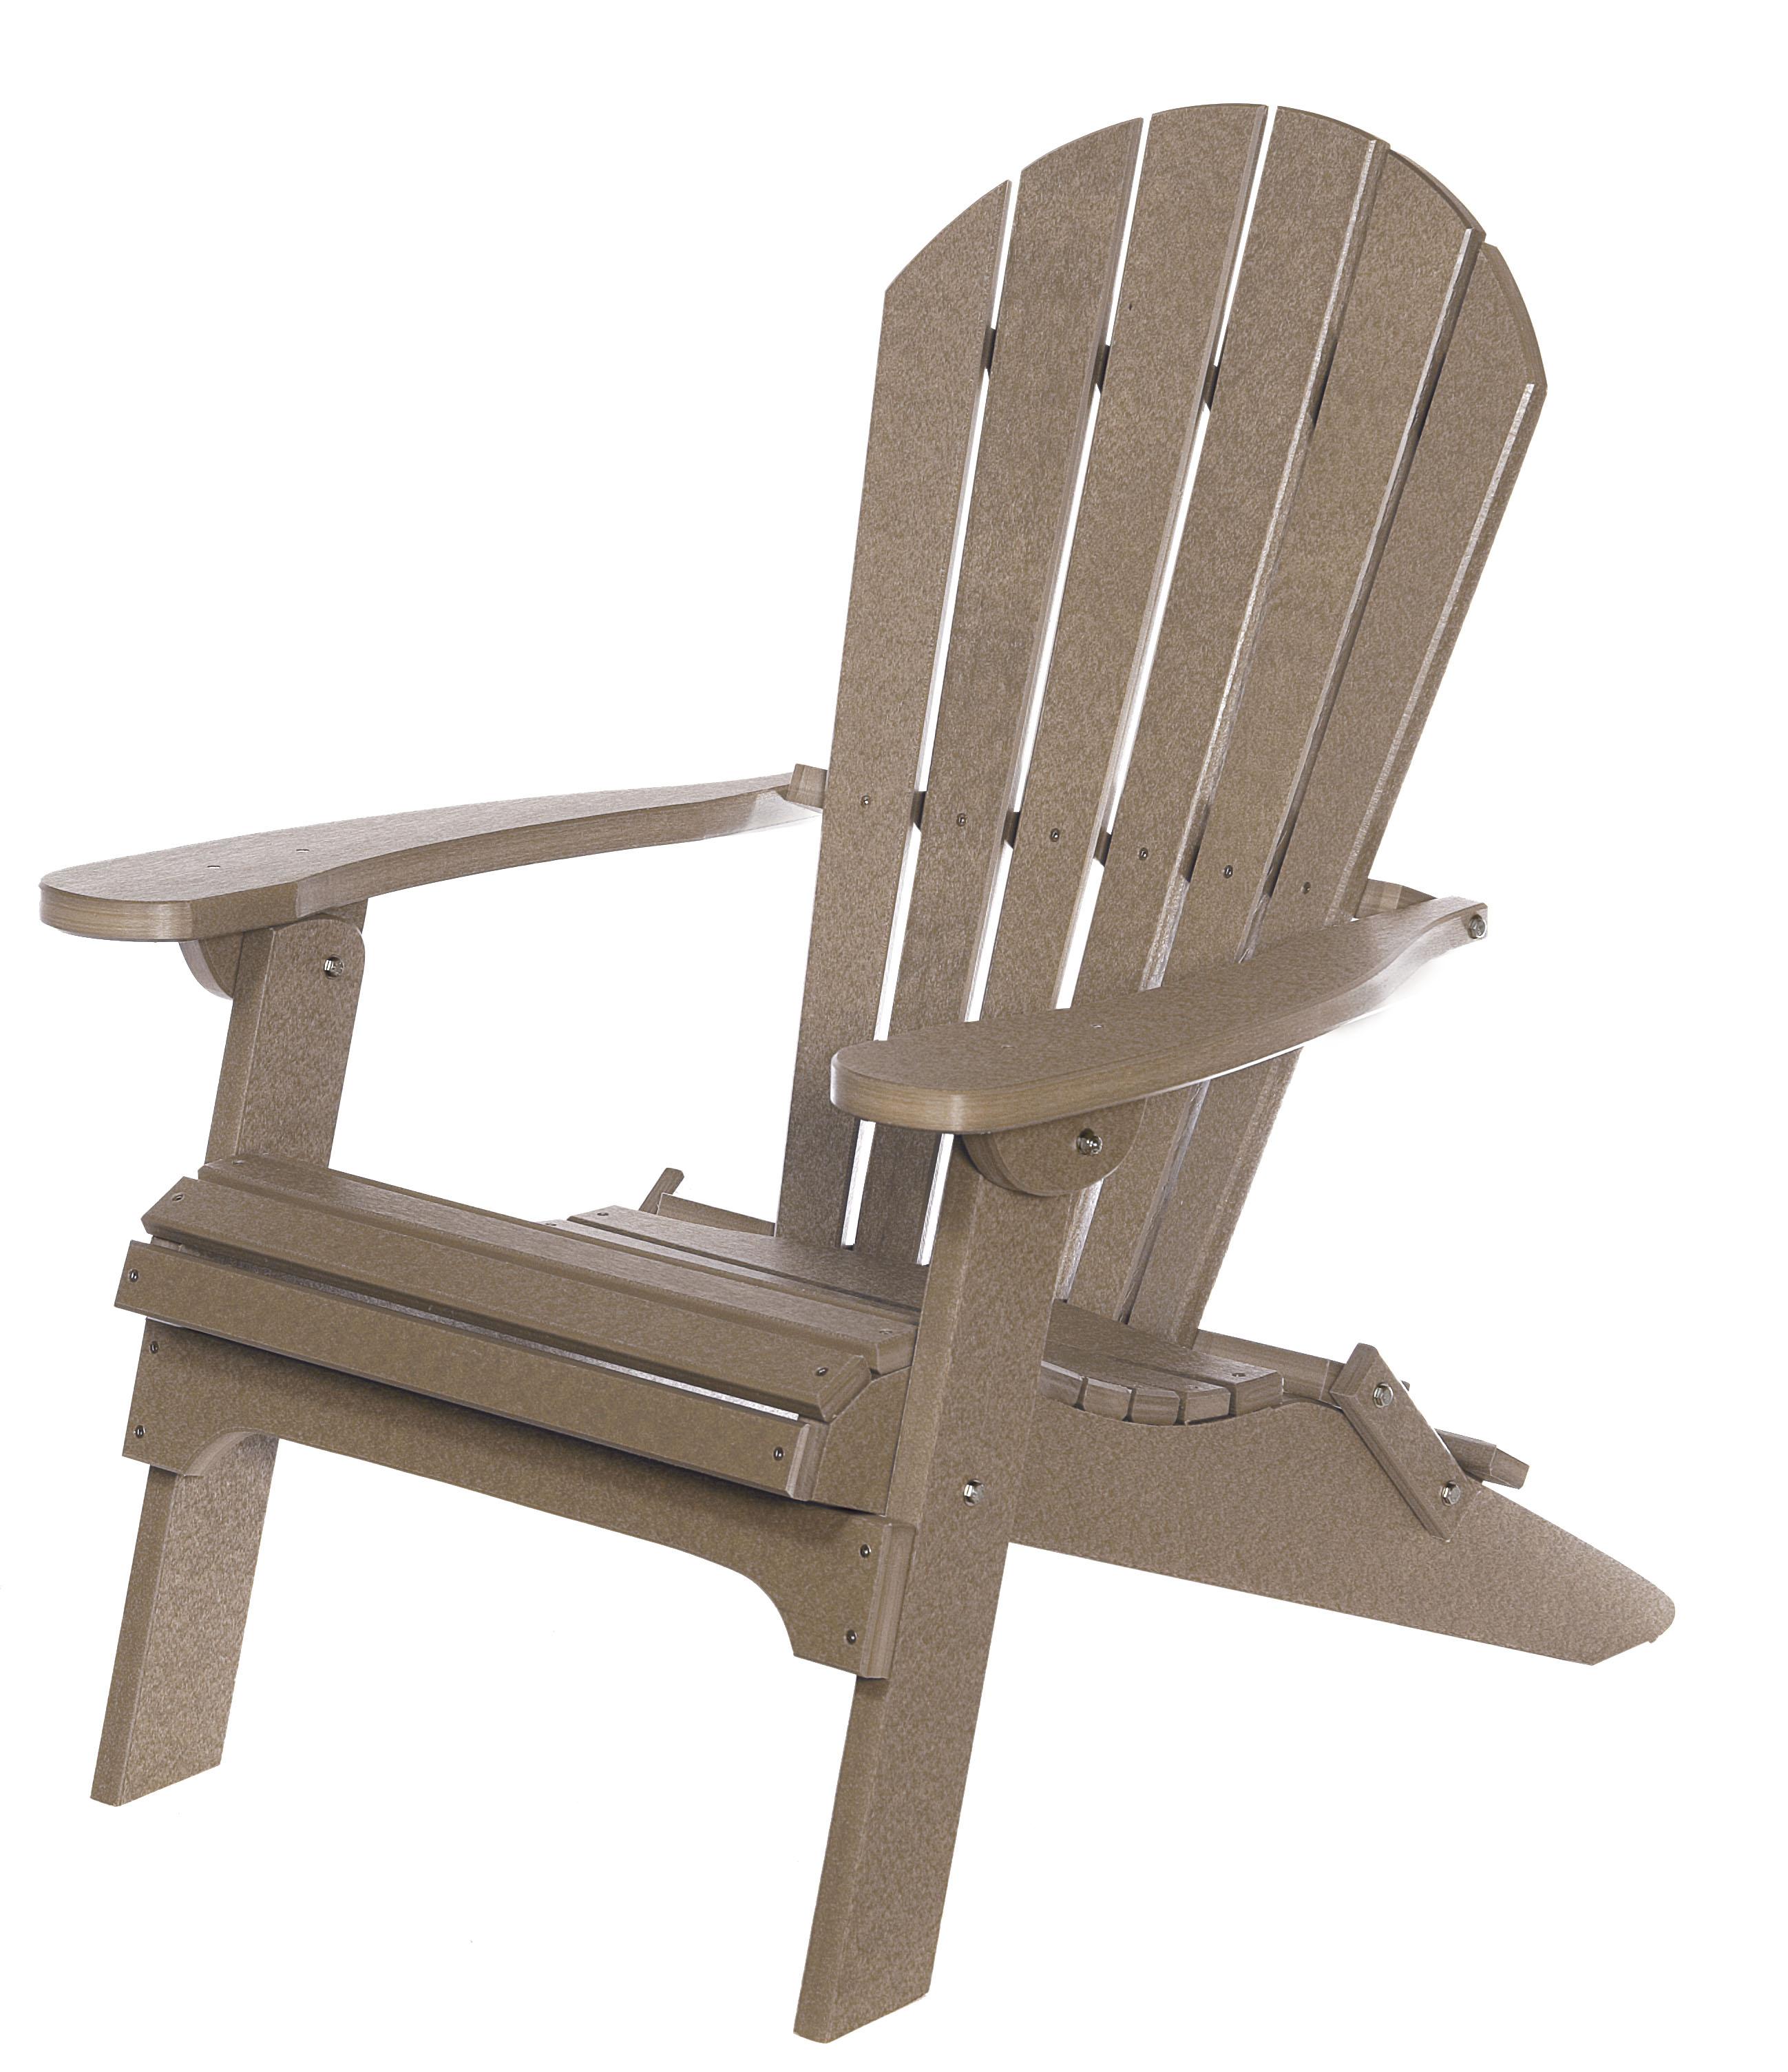 Backyard Folding Adirondack Chair